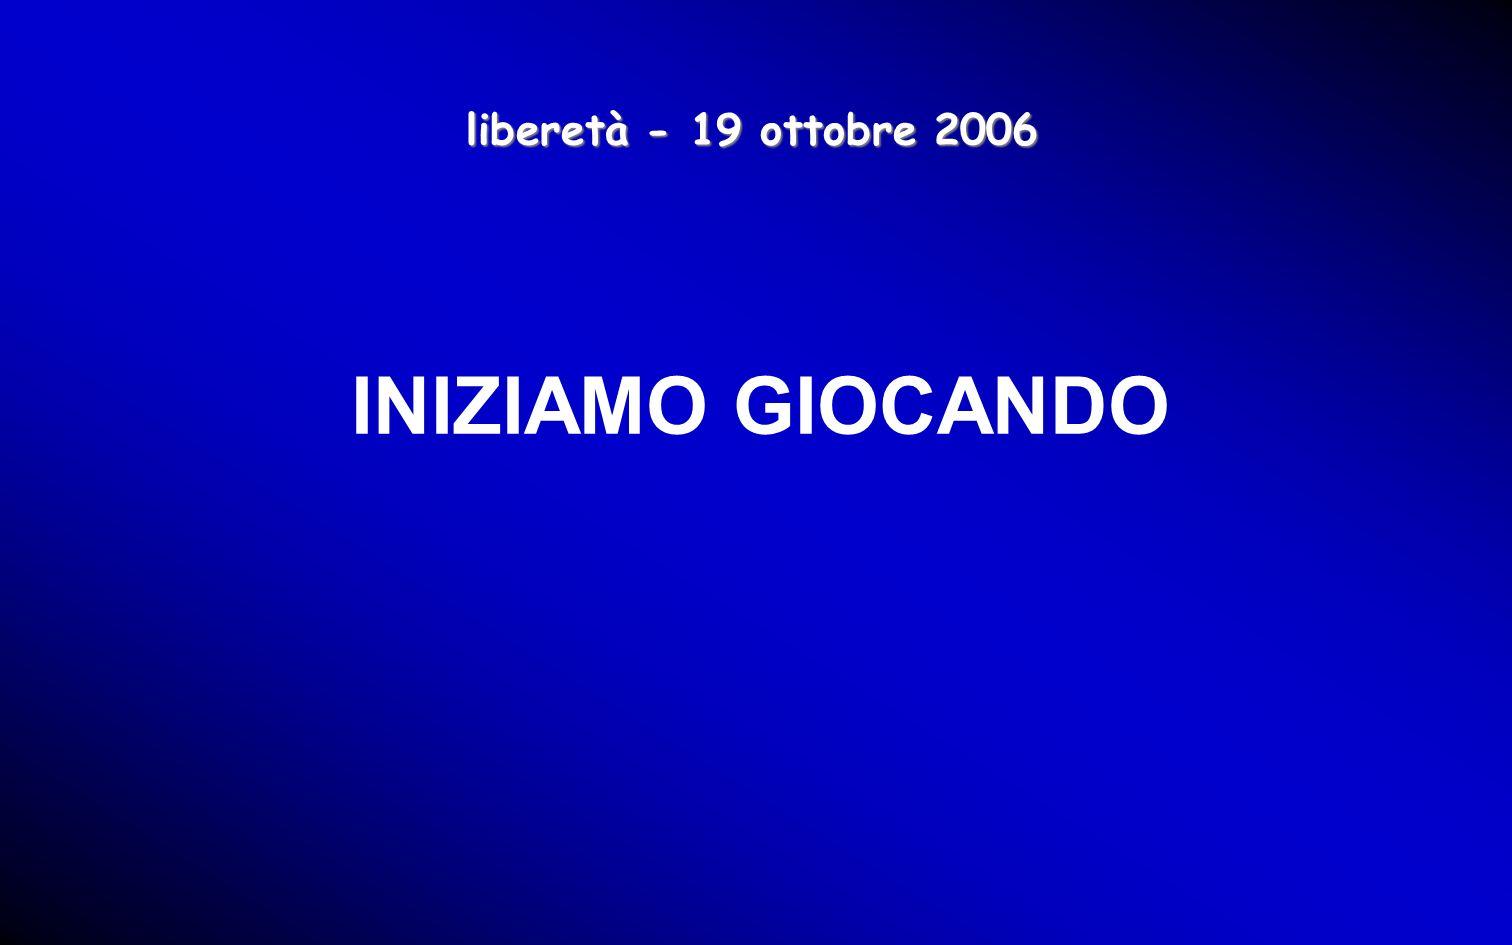 INIZIAMO GIOCANDO liberetà - 19 ottobre 2006